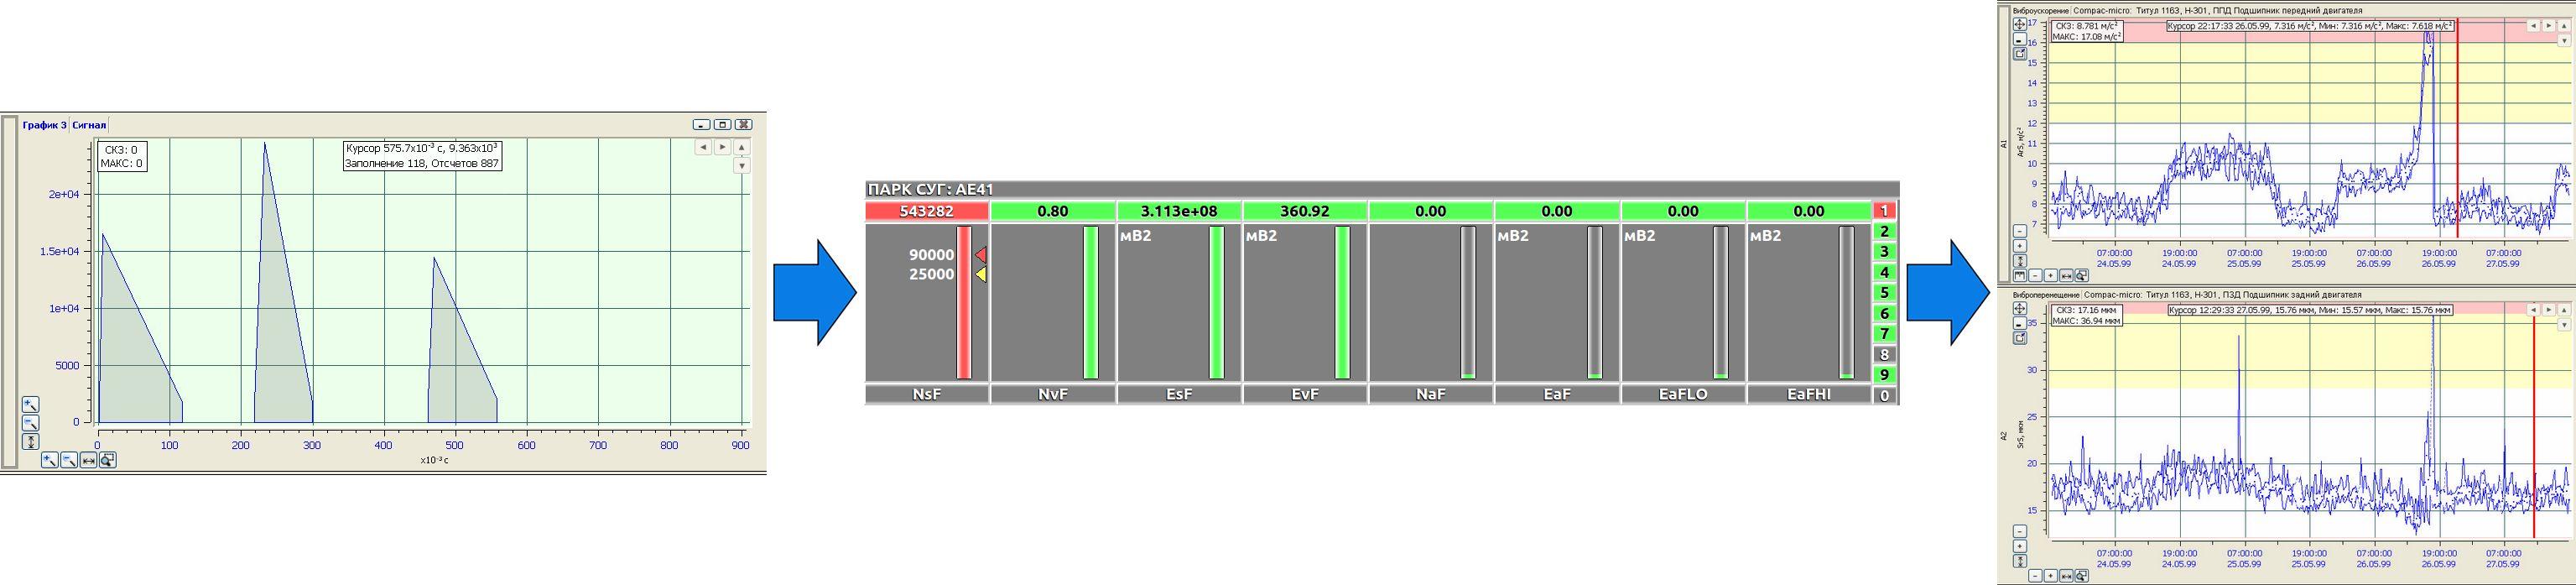 Формирование вектора диагностических признаков по каналам системой КОМПАКС-АЭ